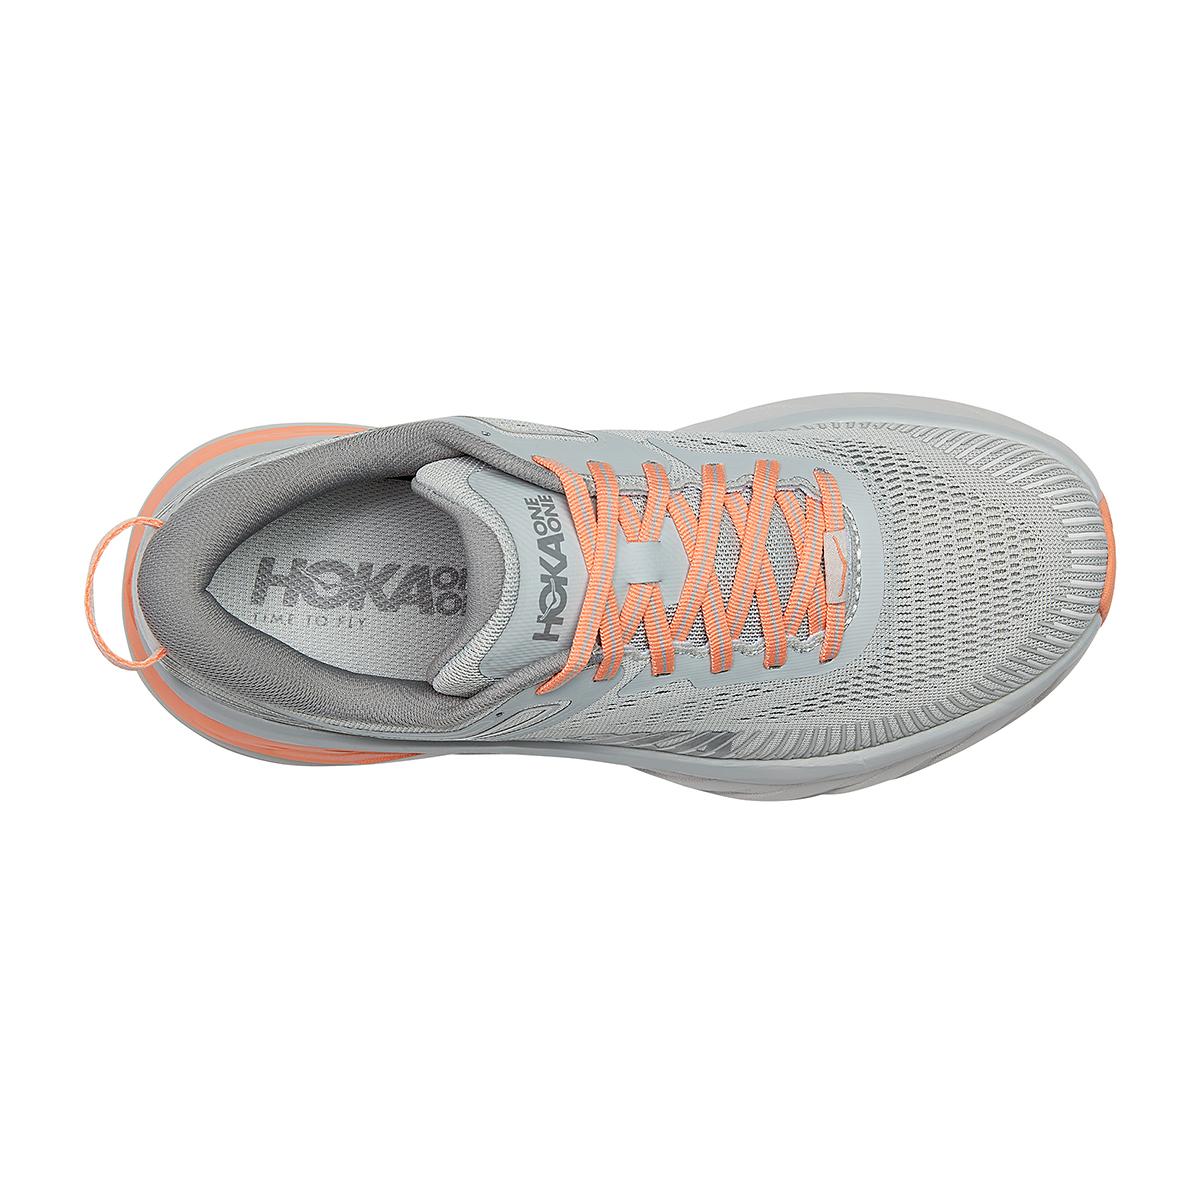 Women's Hoka One One Bondi 7 Running Shoe - Color: Harbor Mist/Sharkskin - Size: 5 - Width: Regular, Harbor Mist/Sharkskin, large, image 5